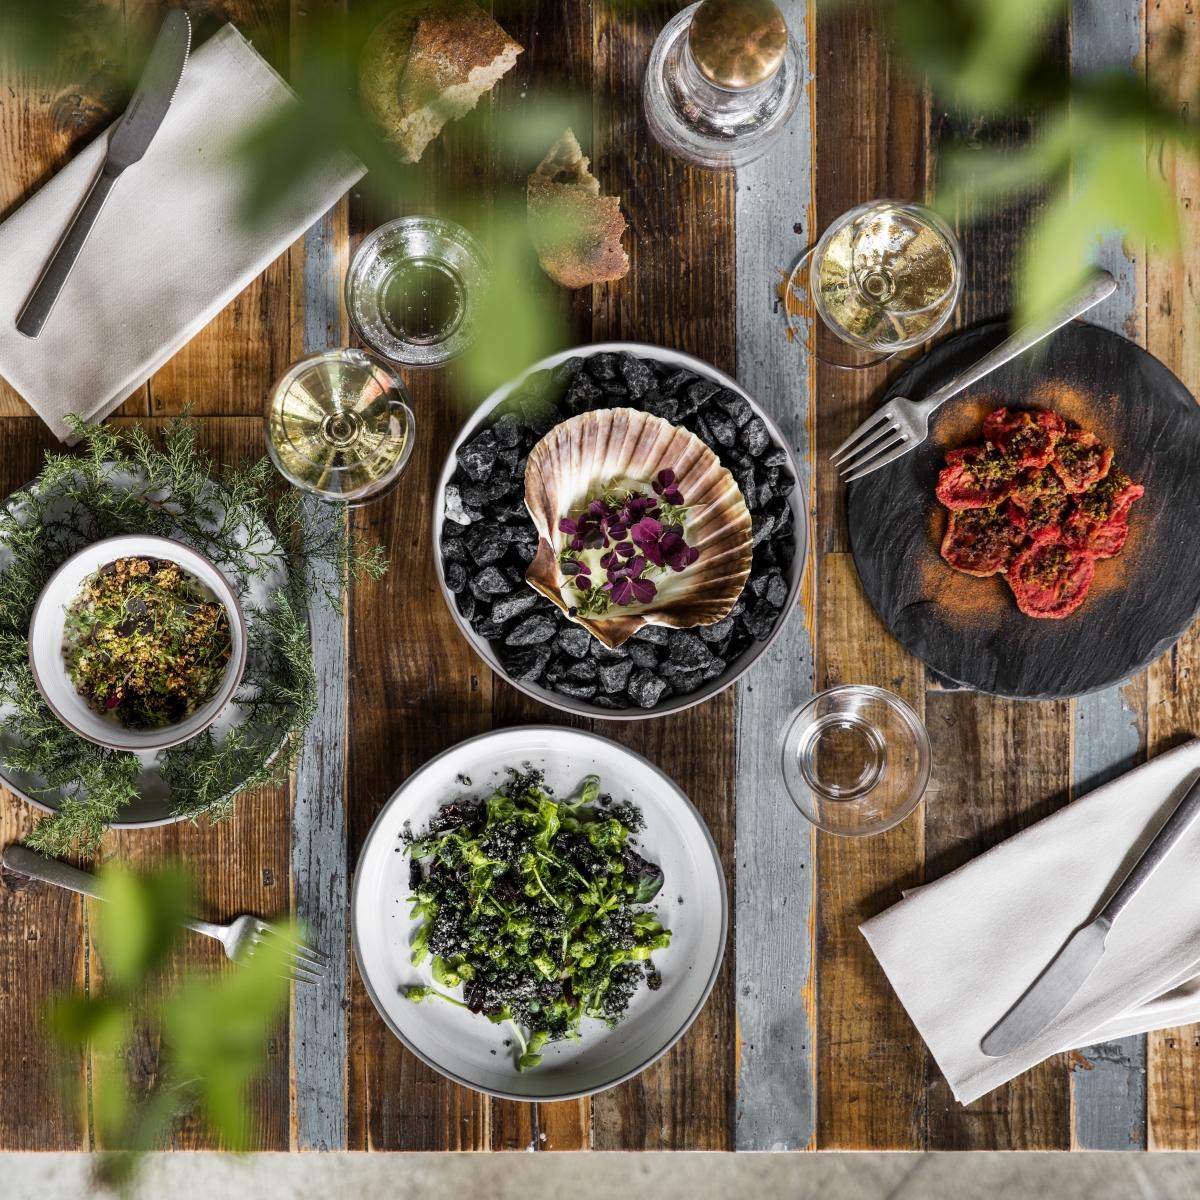 Høst_Restaurant in Kopenhagen mit hervorragender Küche